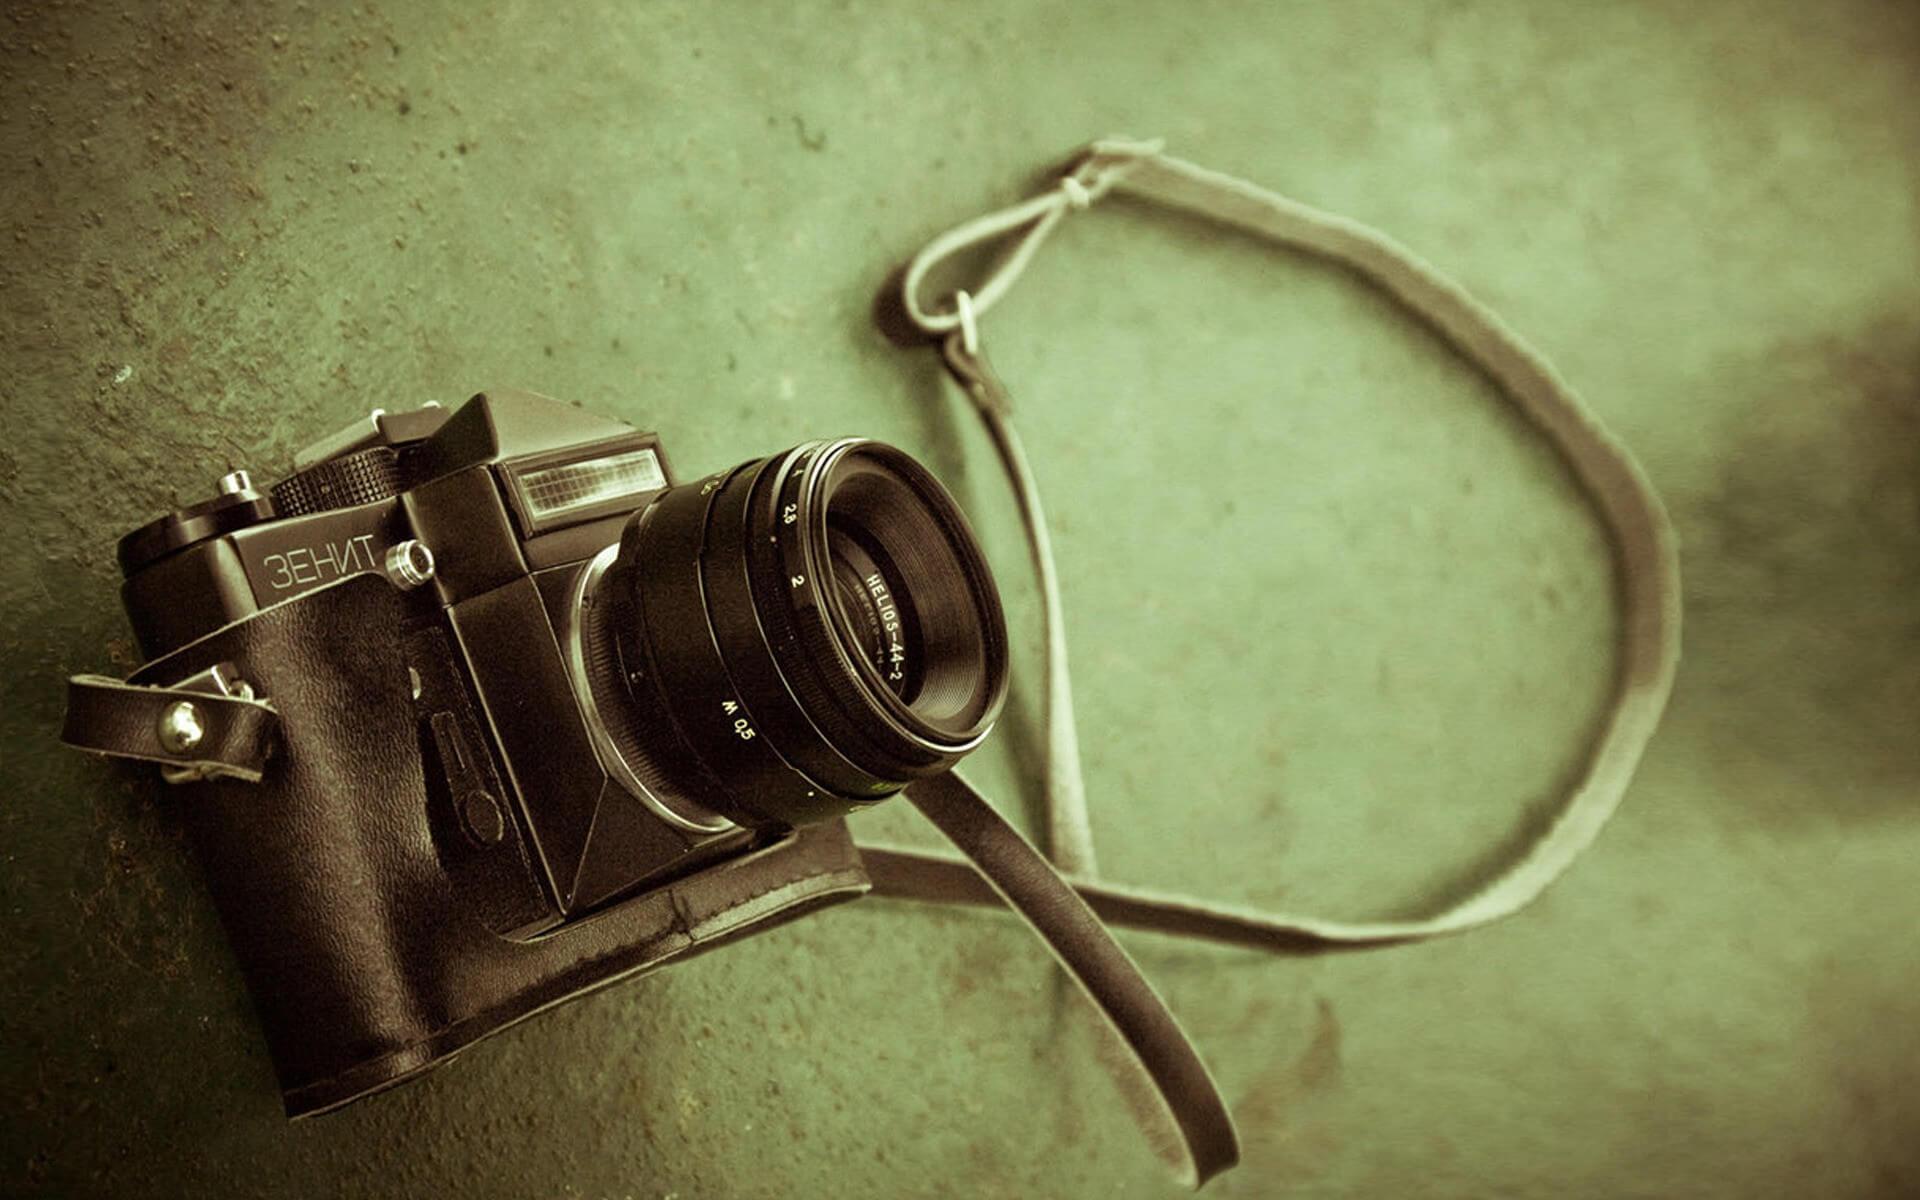 """Красивые картинки и обои """"Камера"""" - подборка изображений 12"""